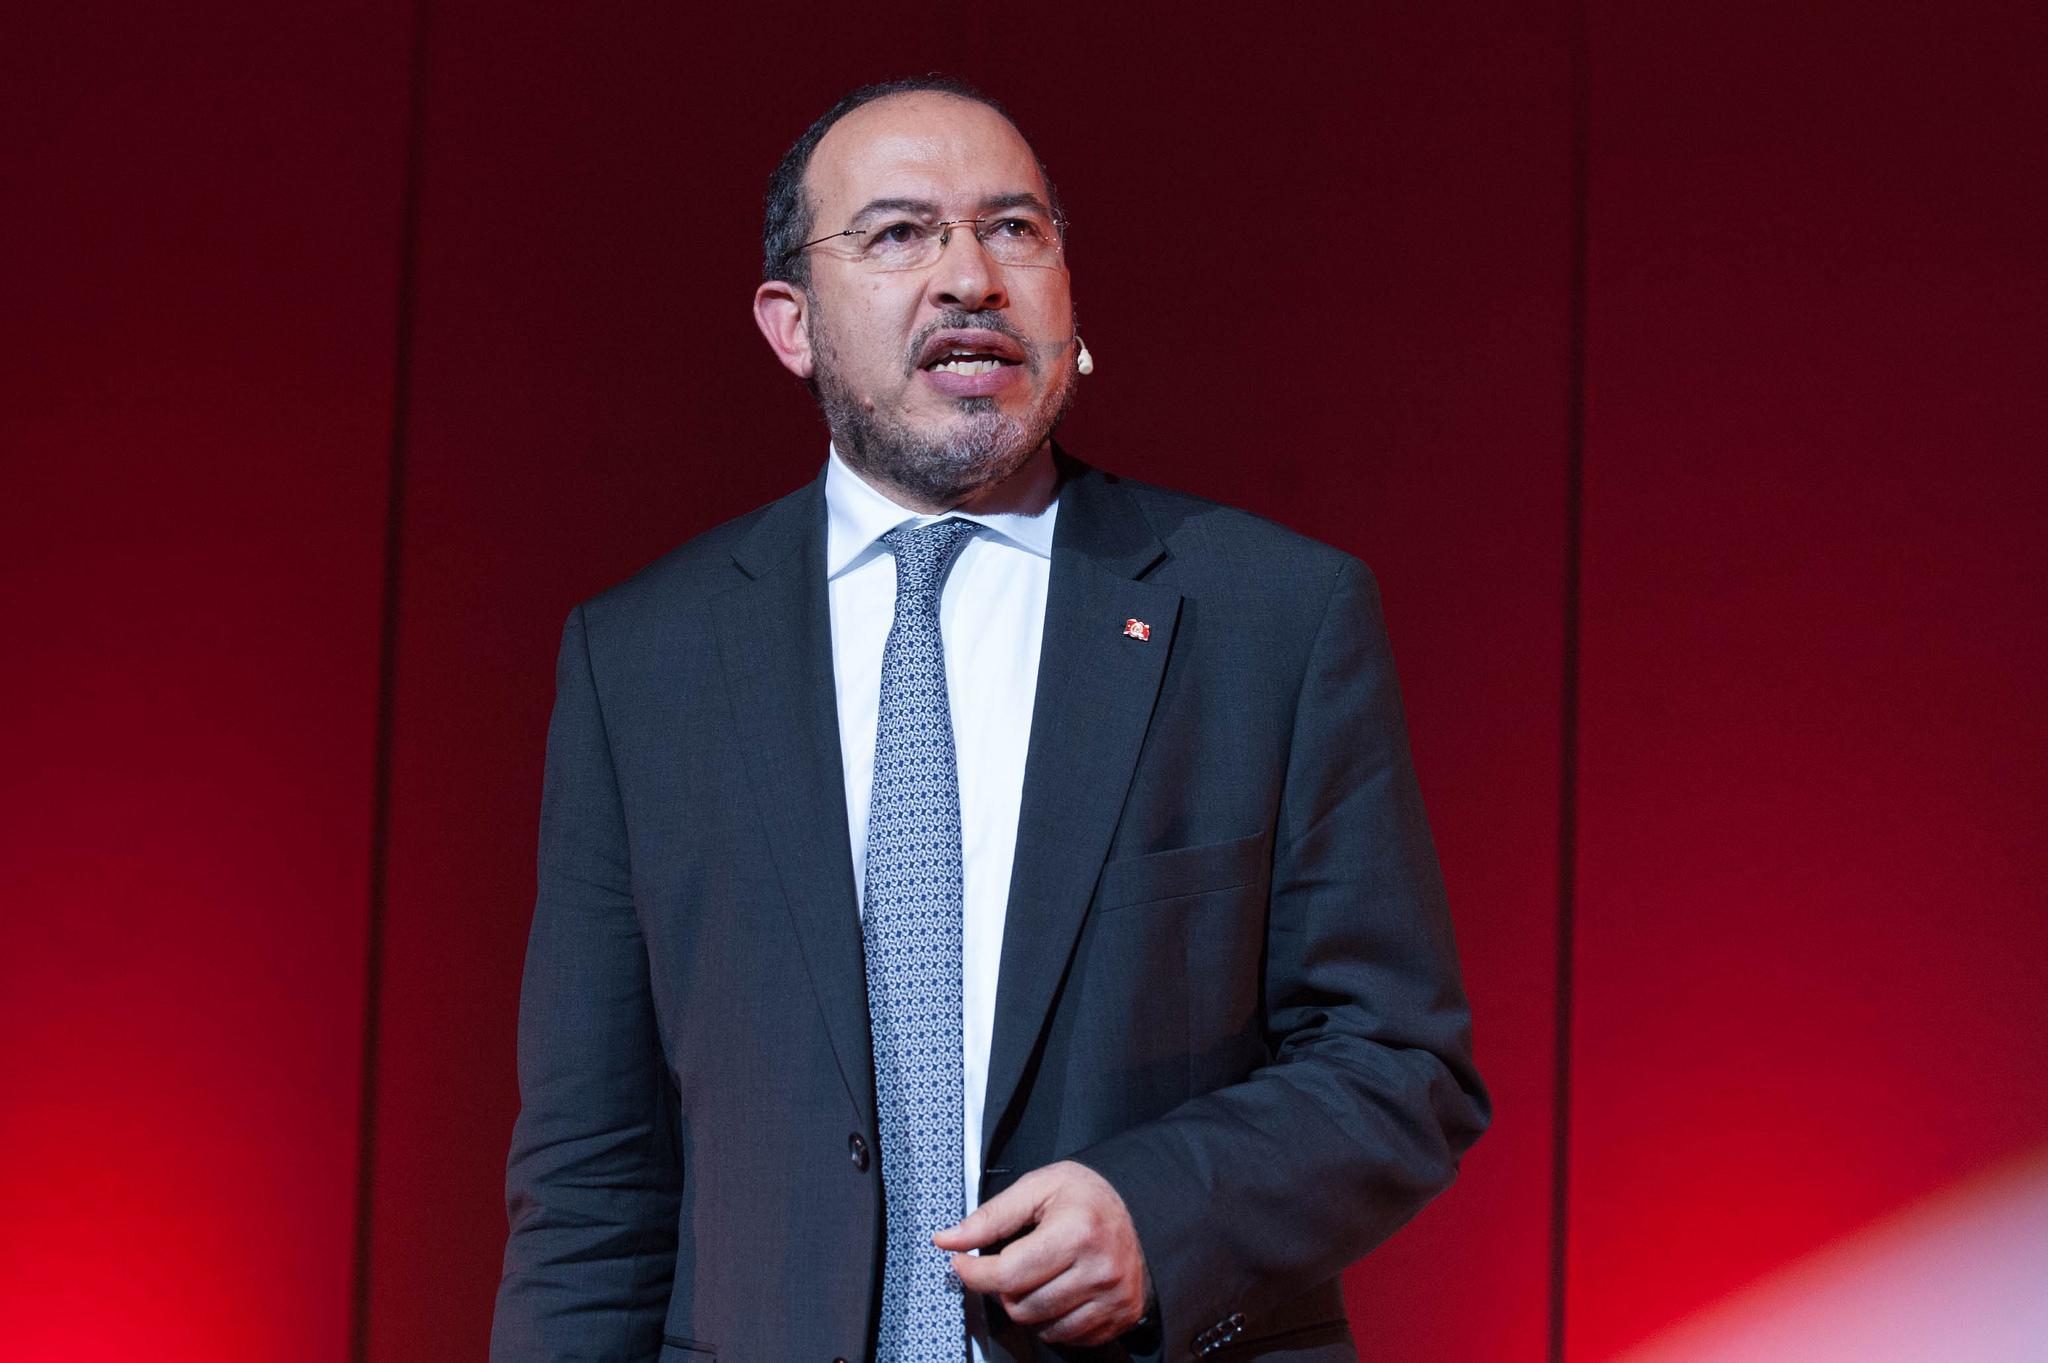 Professor Tawfiq Jelassi